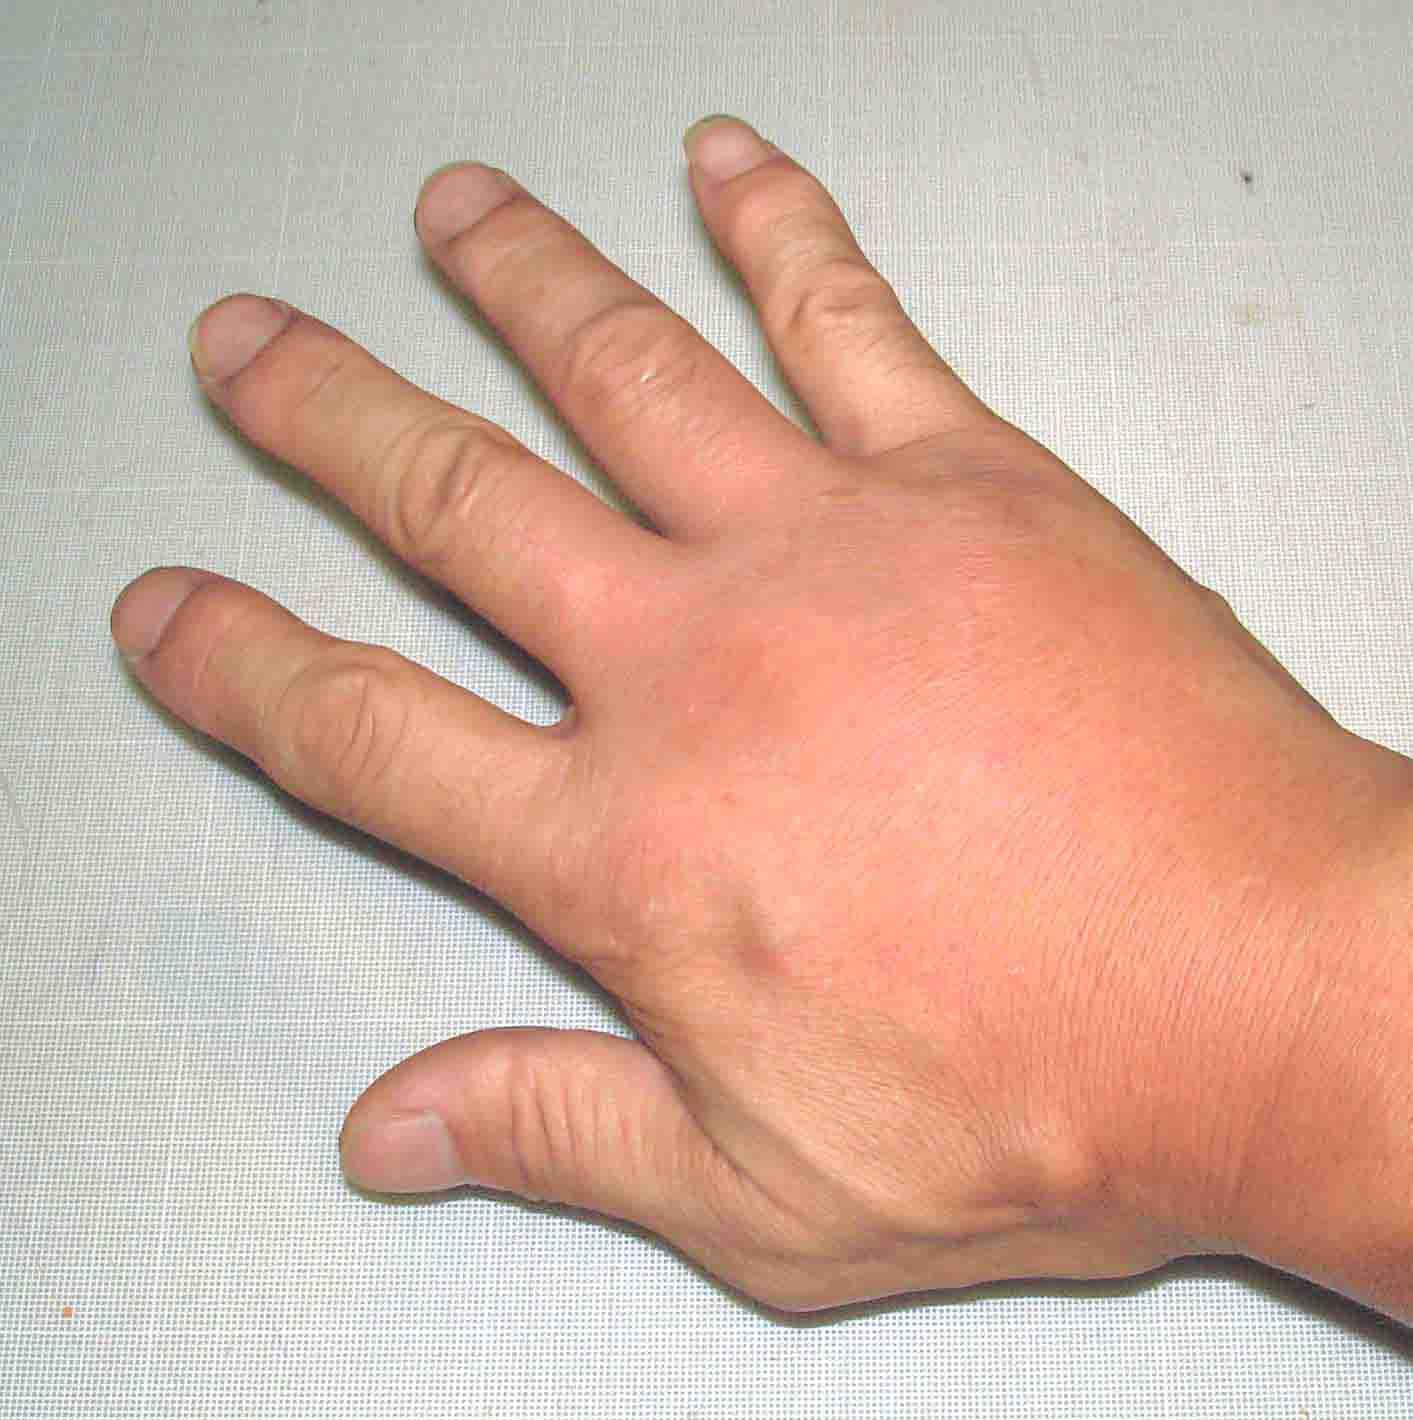 腫れた右手の状態(16日17:36)